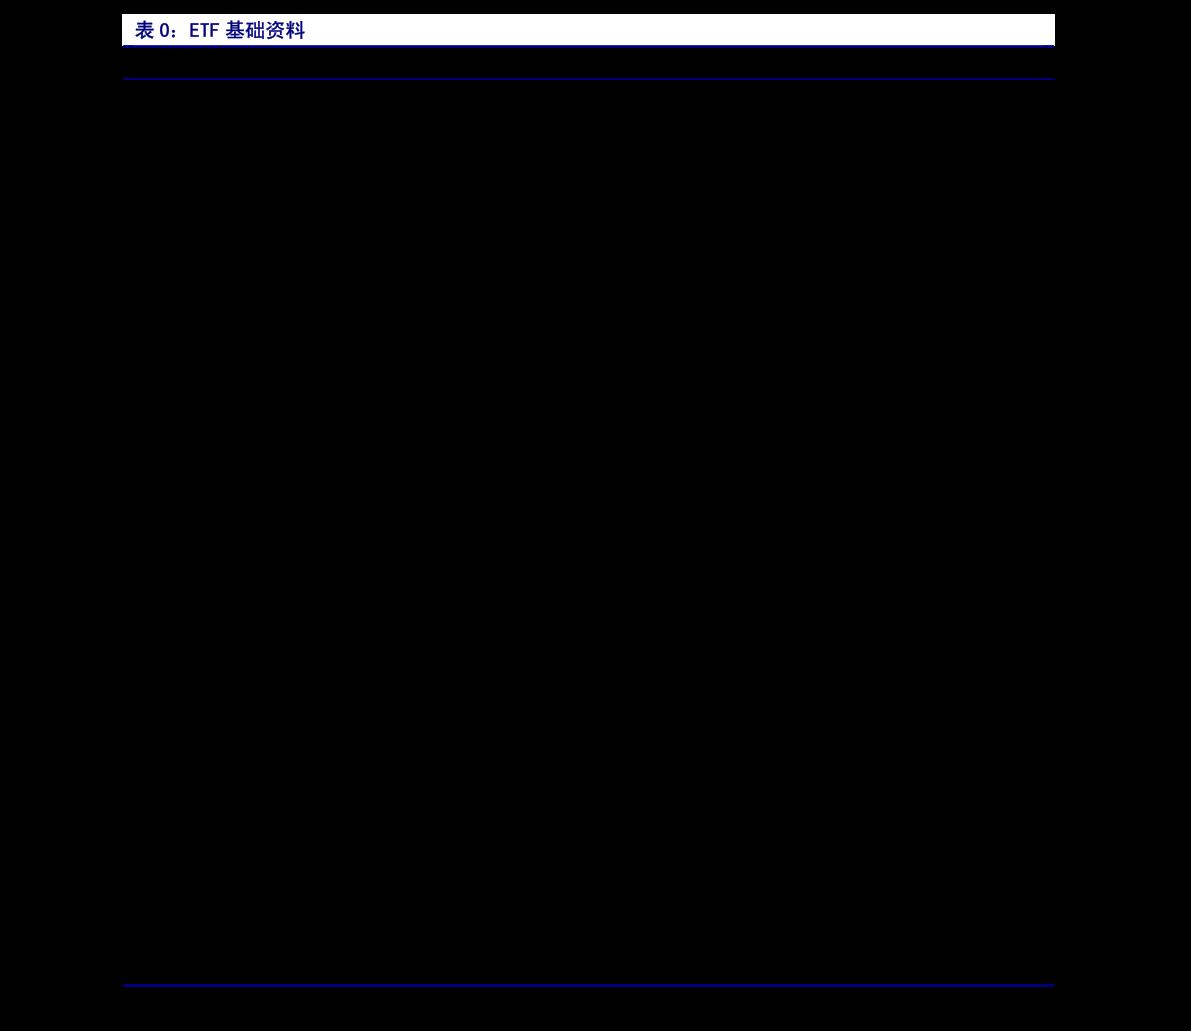 海通雷火电竞平台-如何优雅地抄基金经理作业(二):探索新进重仓、共同重仓、独门重仓的隐含信息-201120